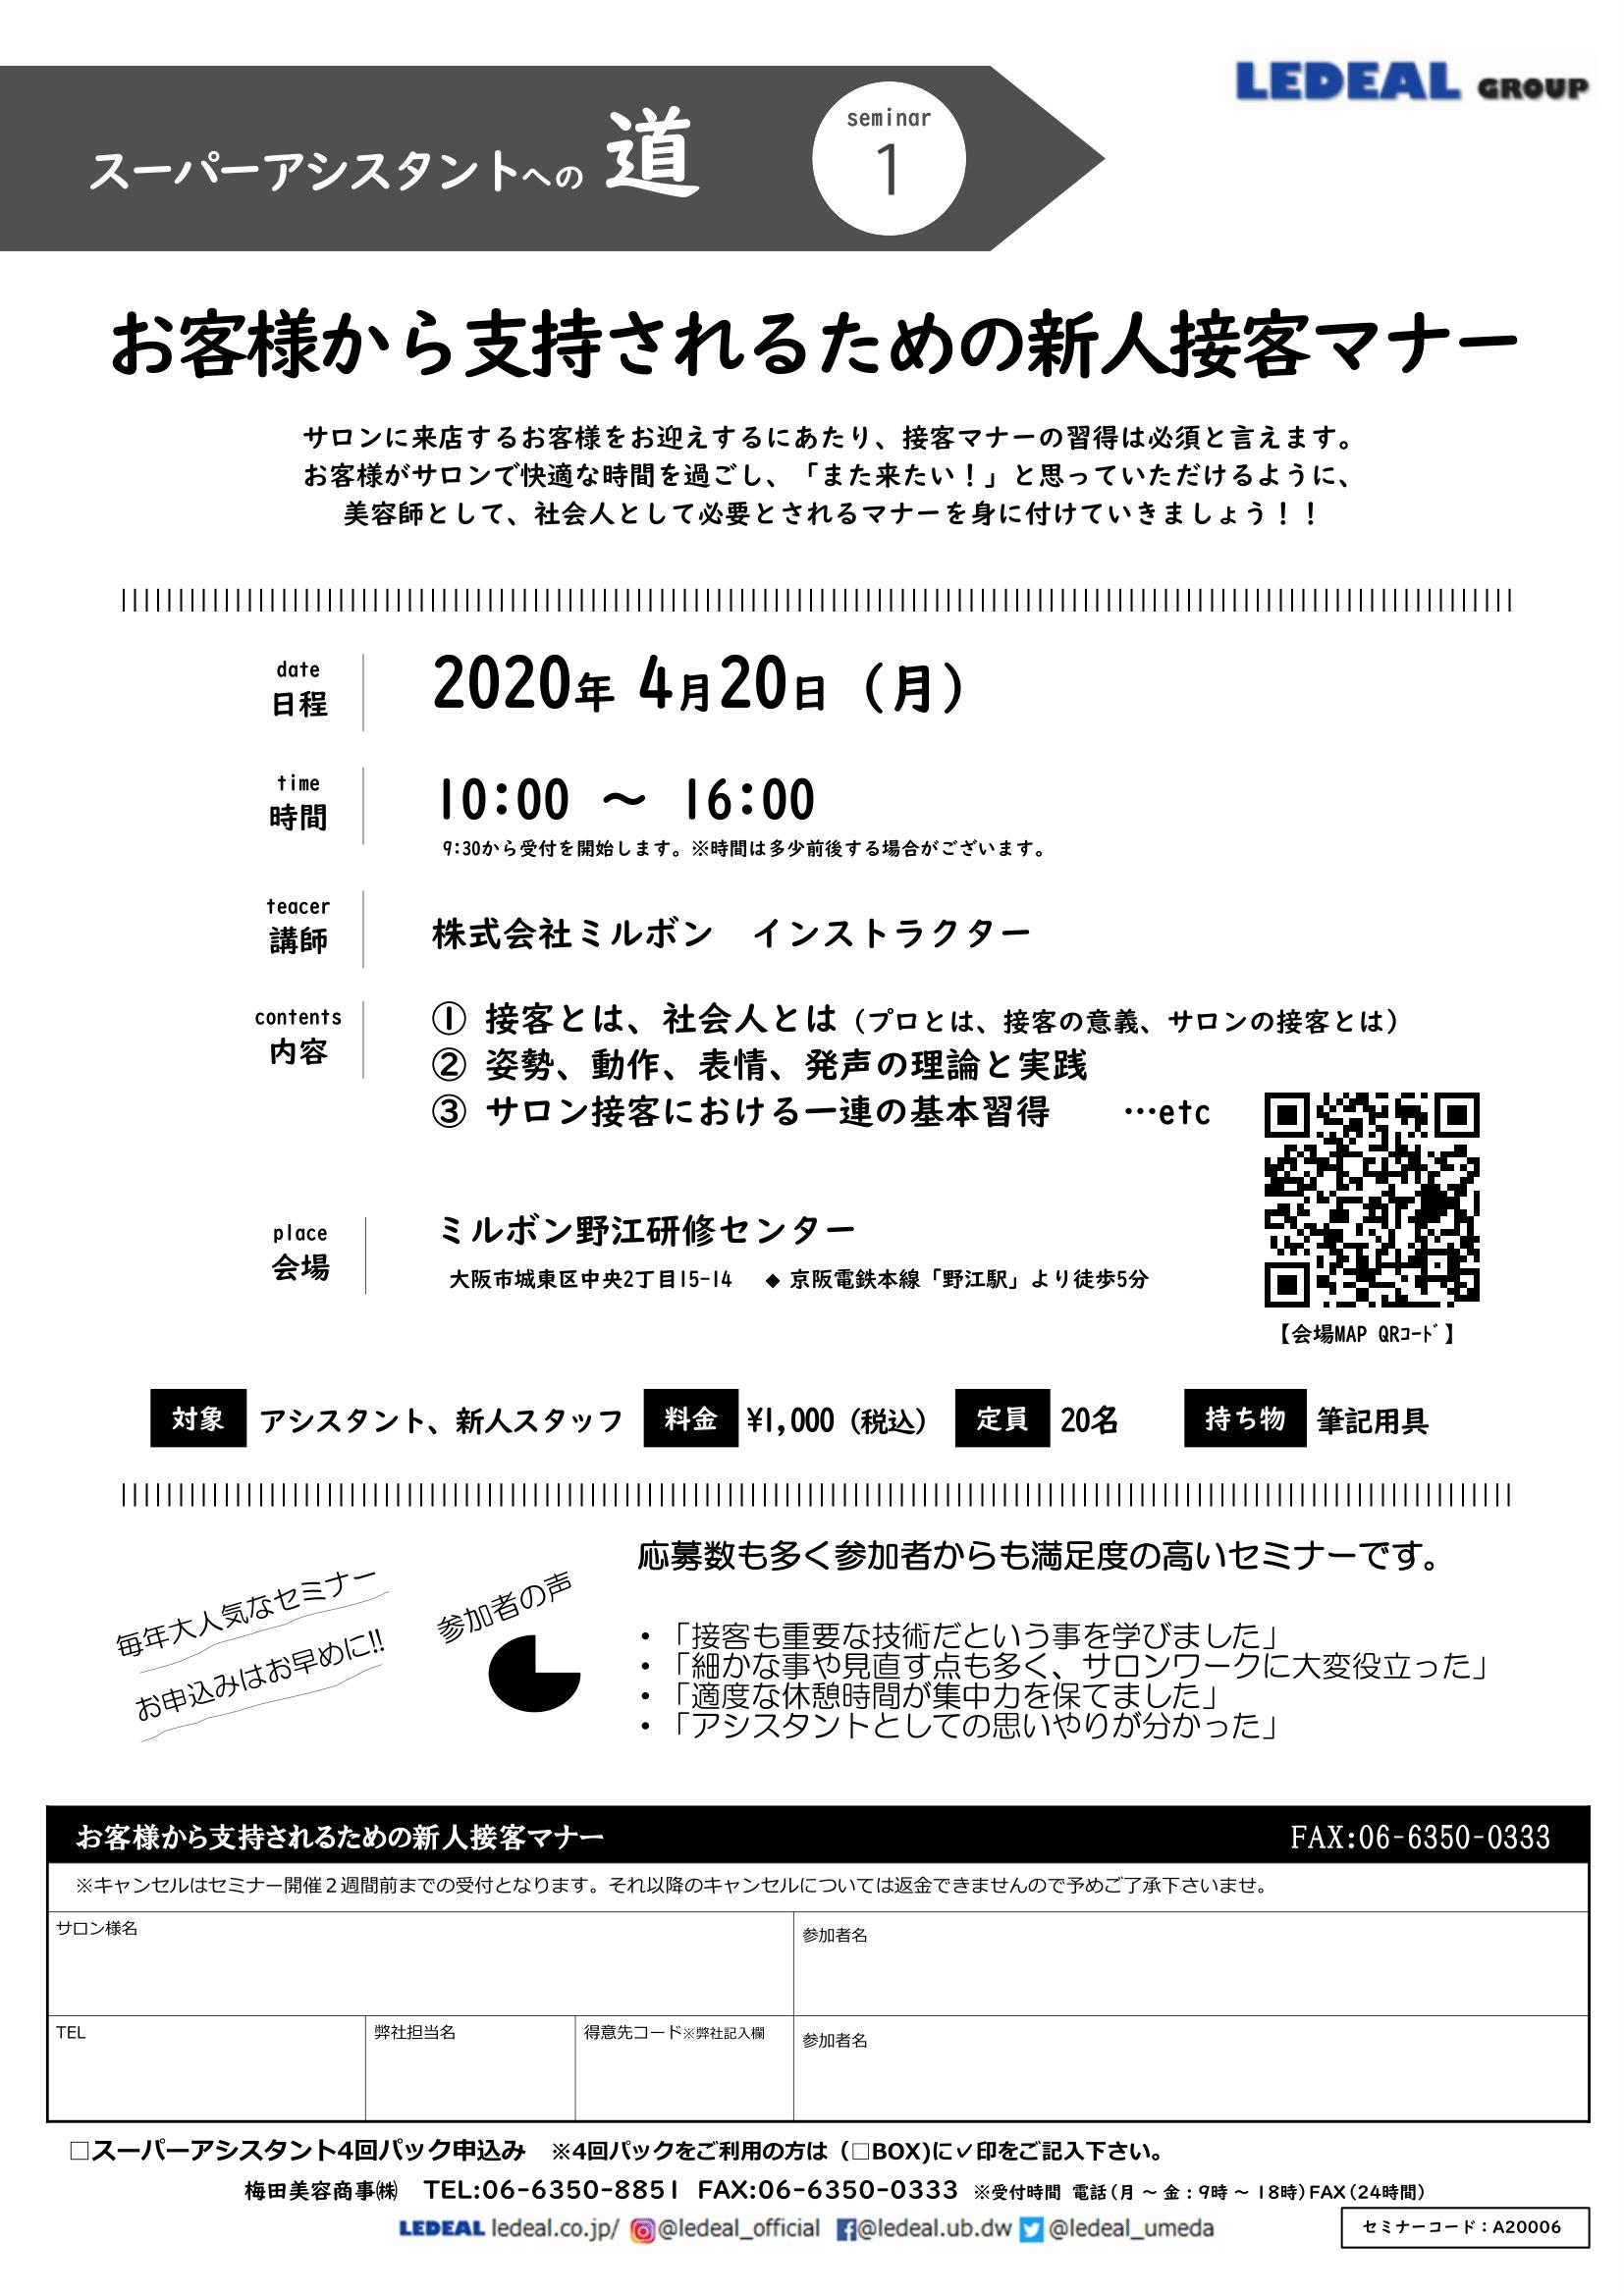 【大阪】スーパーアシスタントへの道「お客様から支持されるための新人接客マナー」